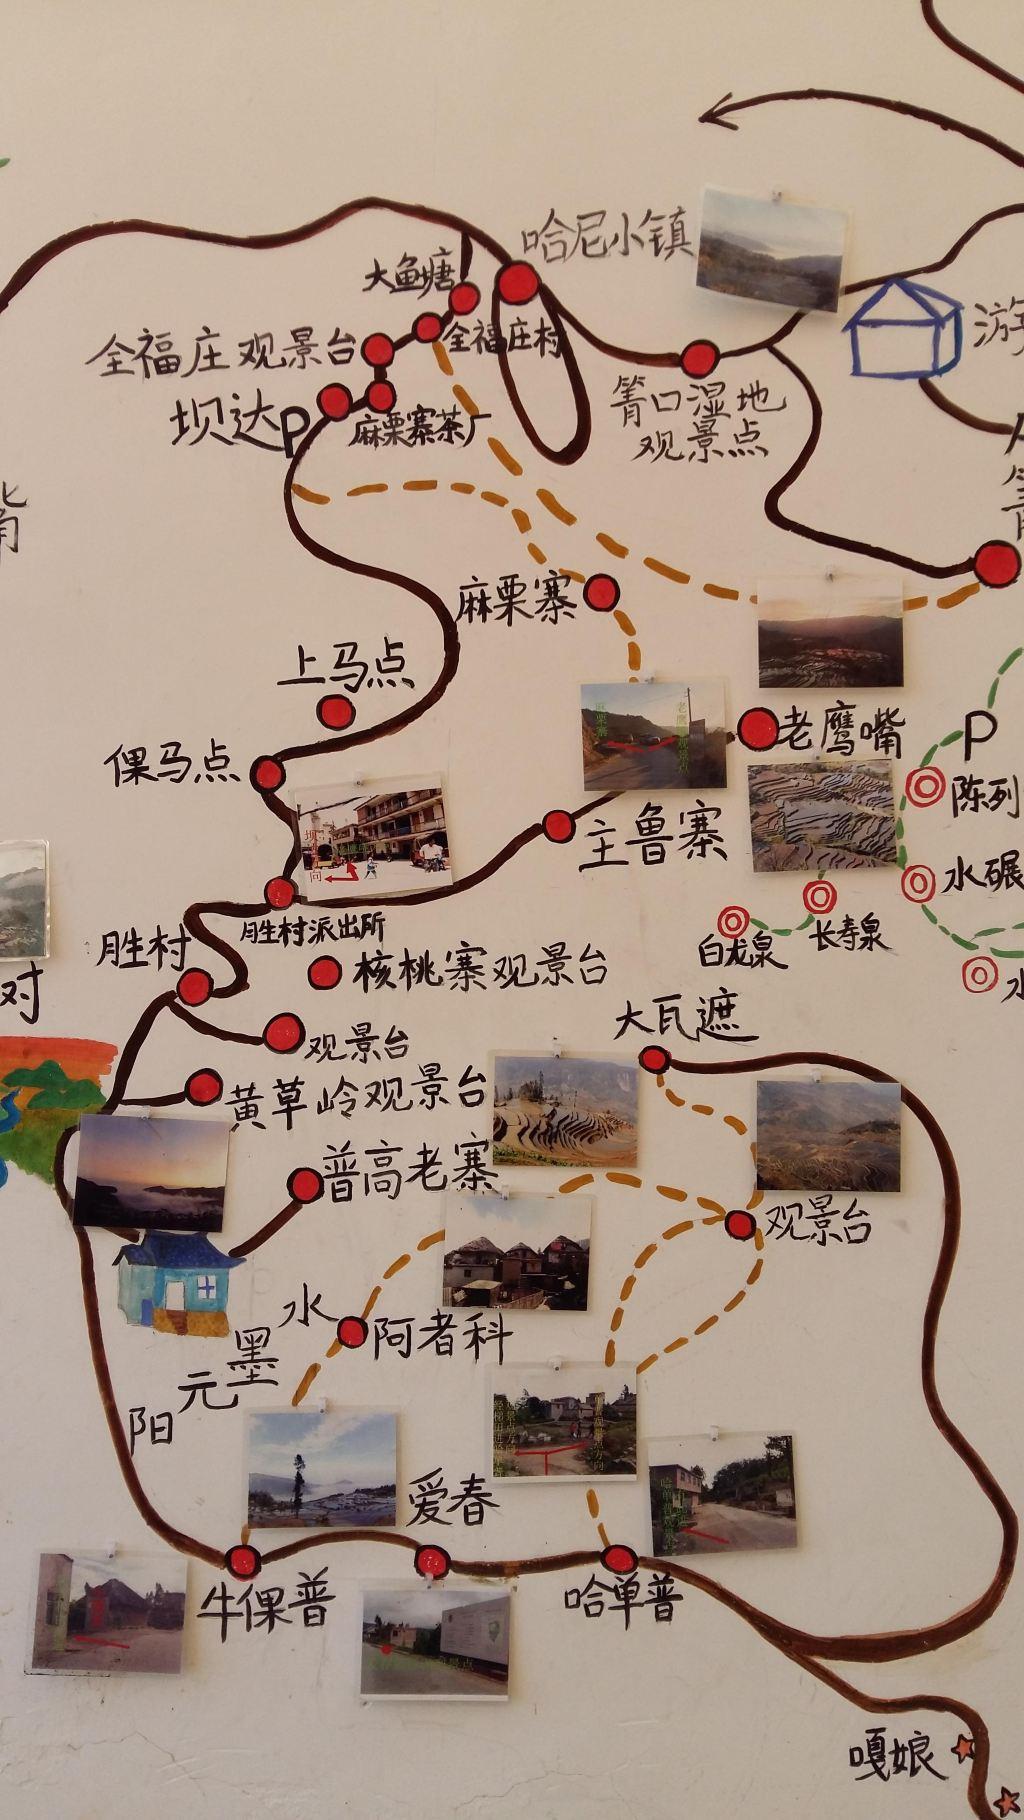 所住客栈老板手绘游览地图